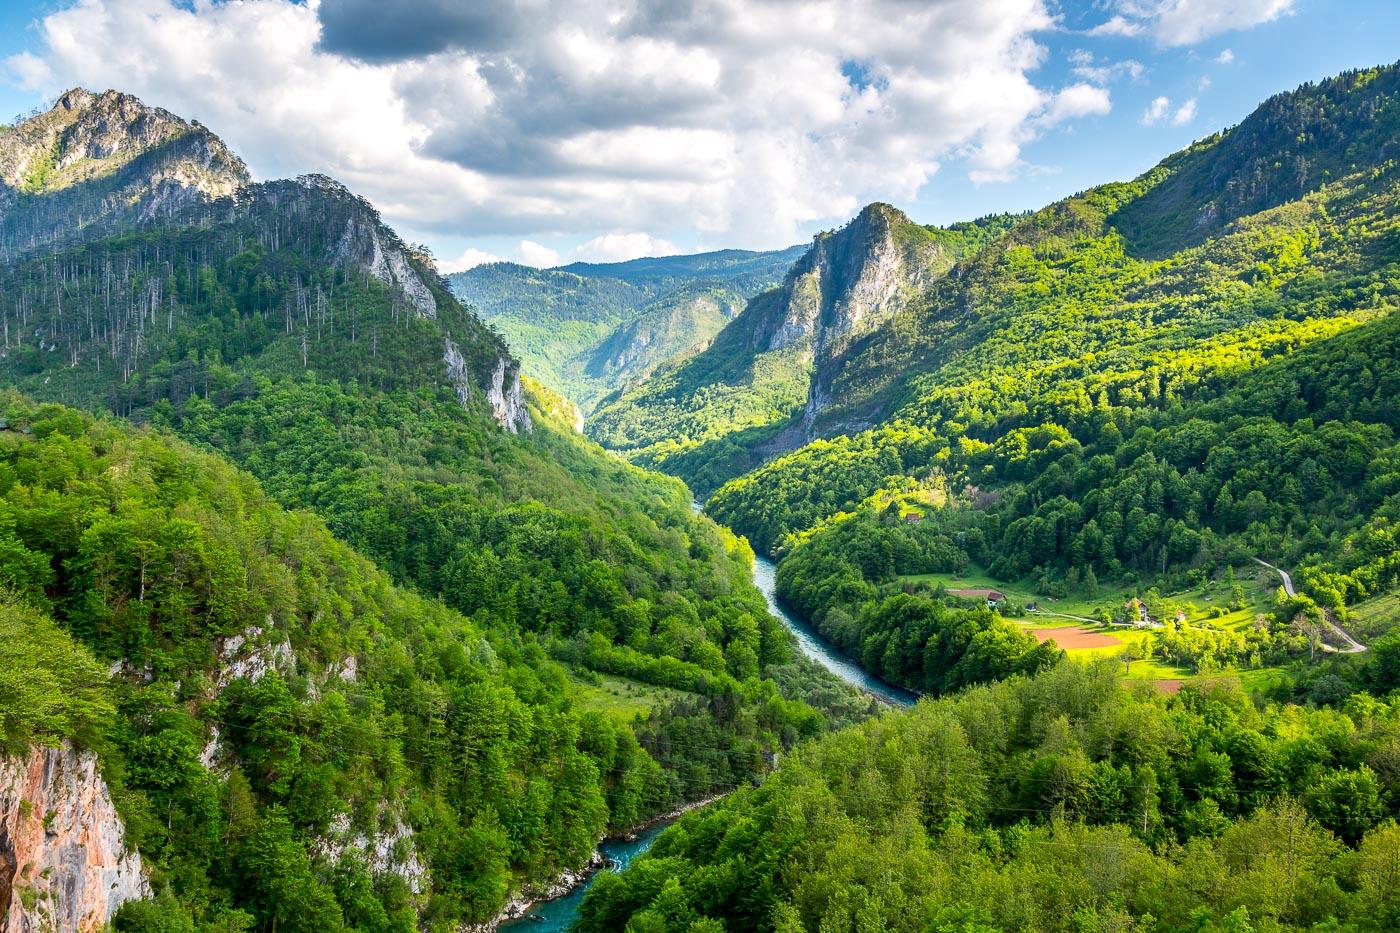 Reise_Balkan-8662.jpg